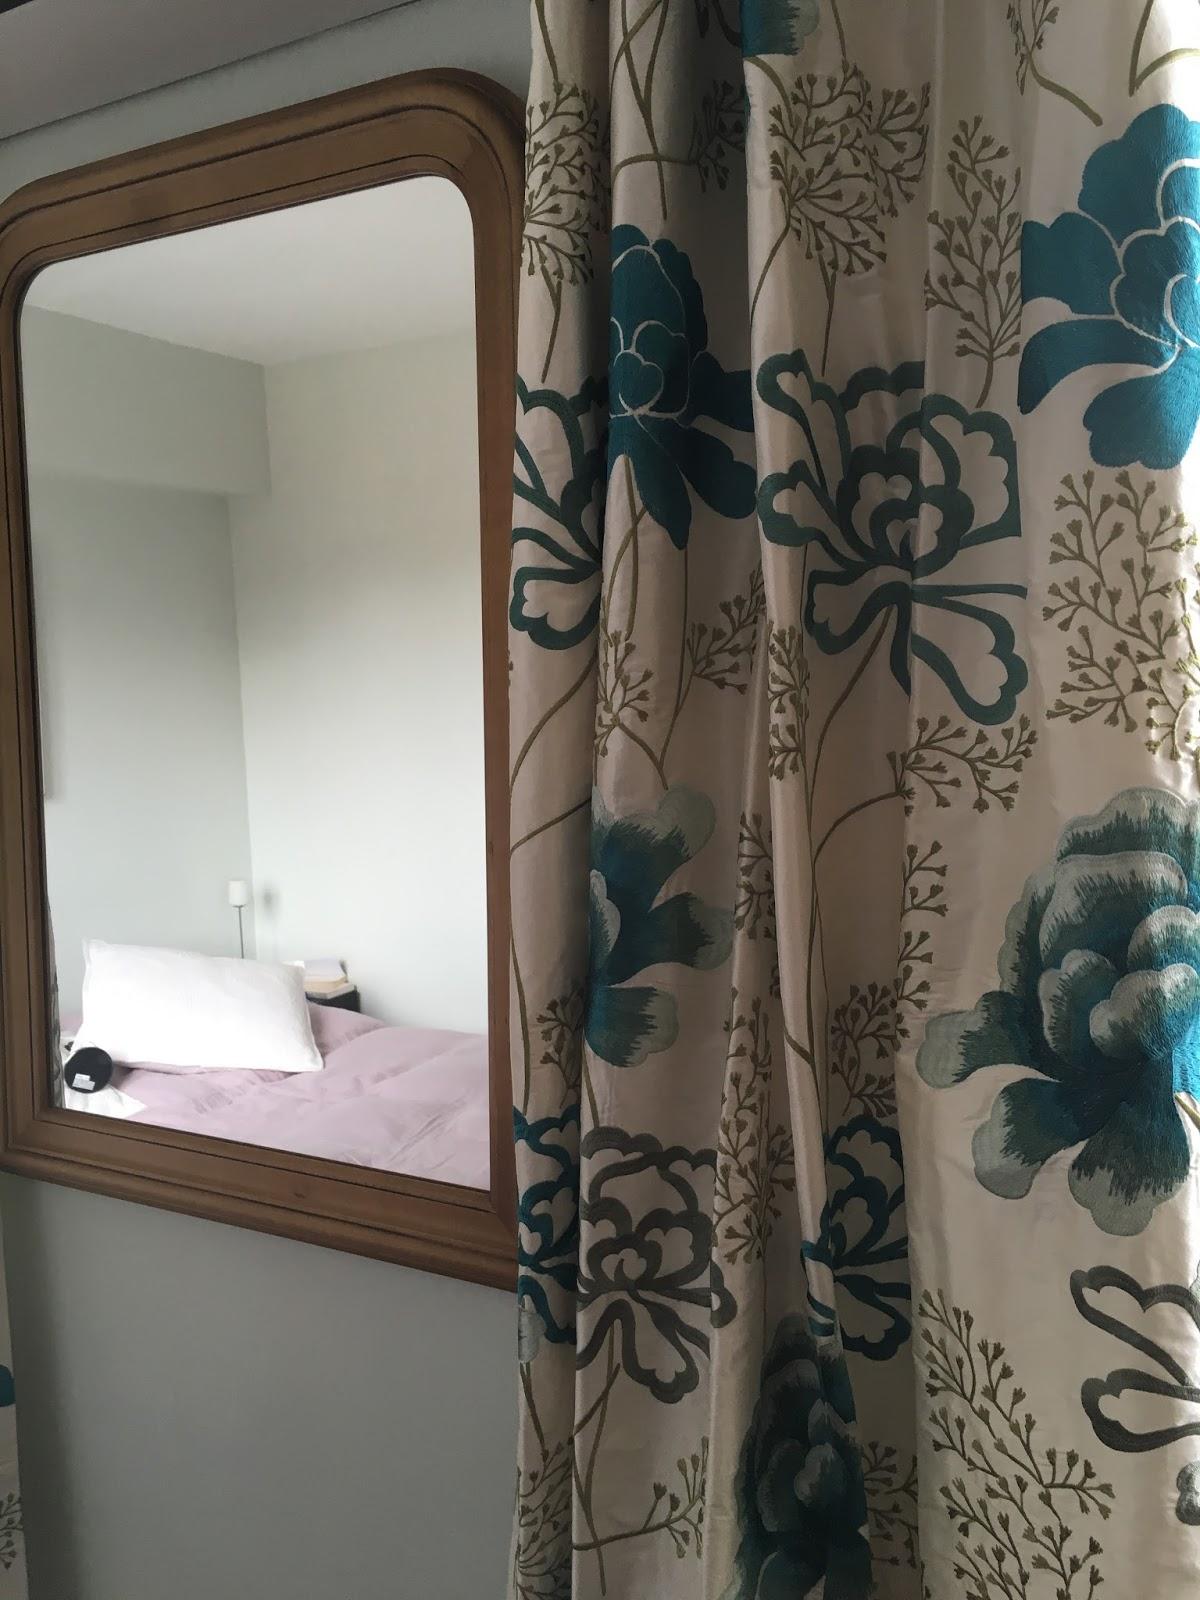 tapissier d corateur paris 15 esprit de si ge fauteuil rideau voilage coussin tissu. Black Bedroom Furniture Sets. Home Design Ideas